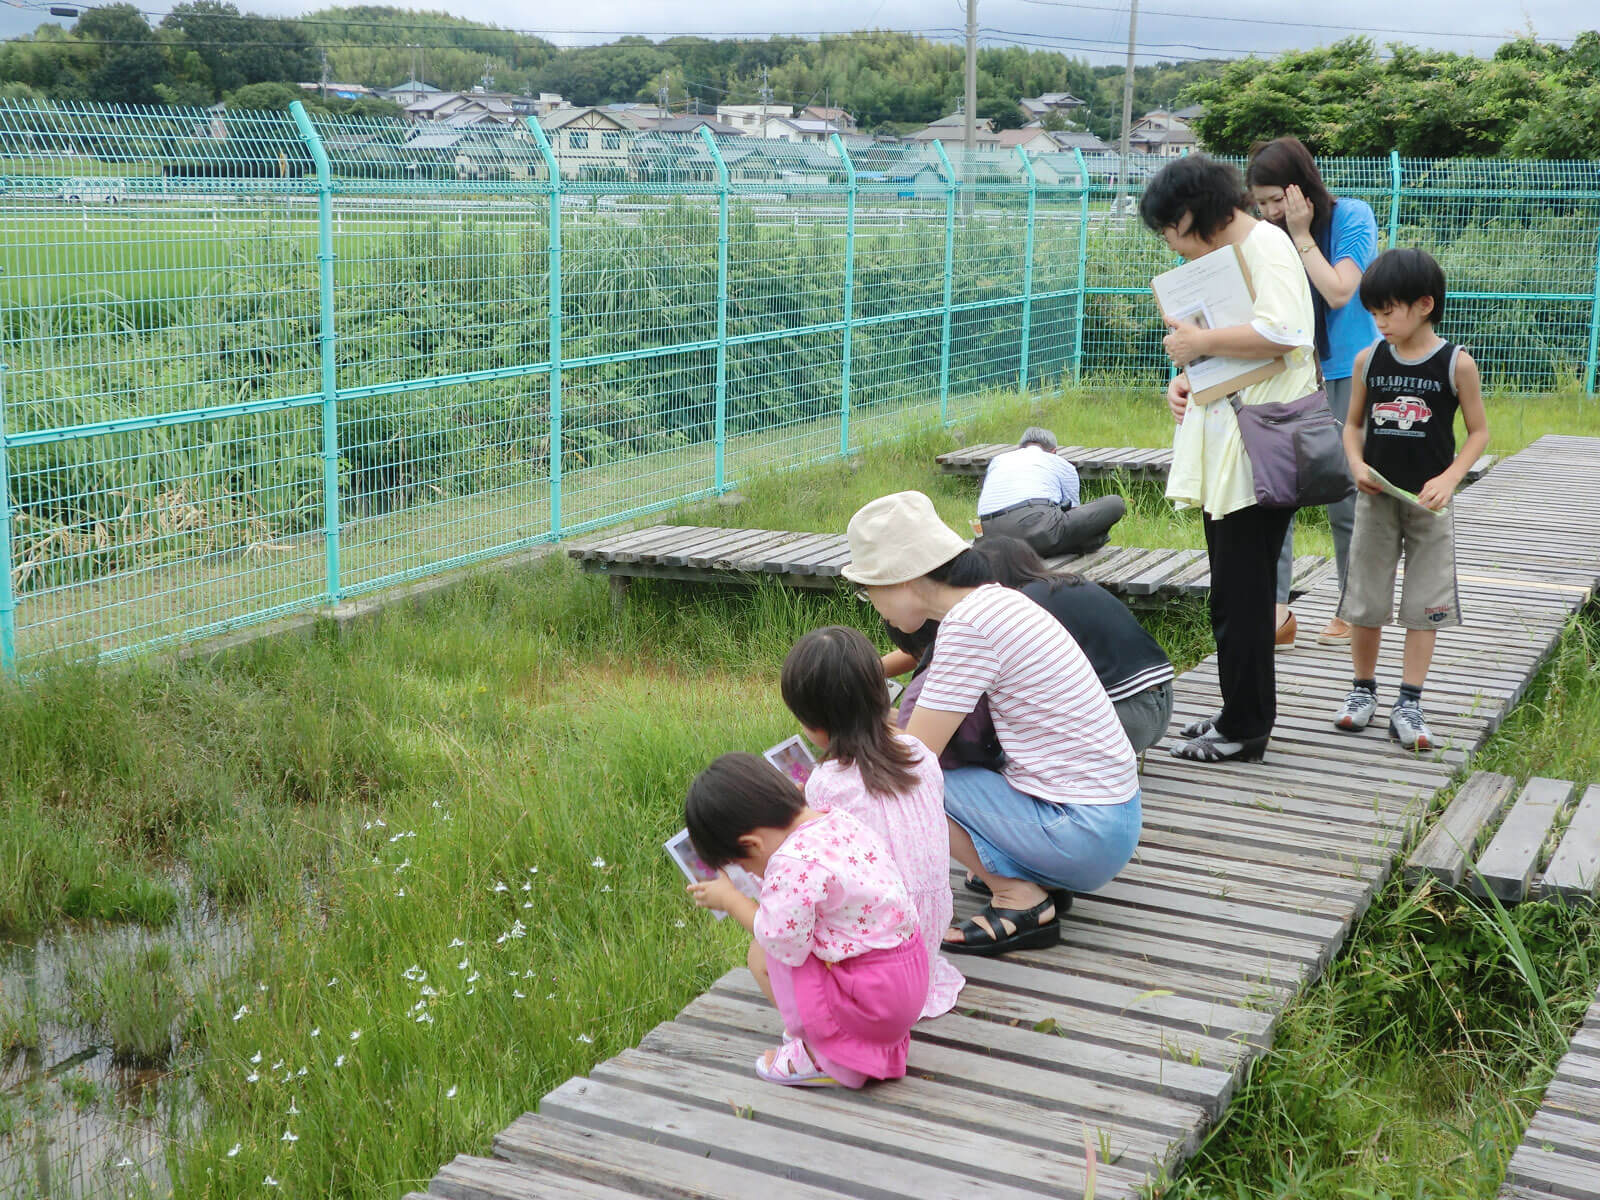 ナガバノイシモチソウ自生保護地 見学している親子